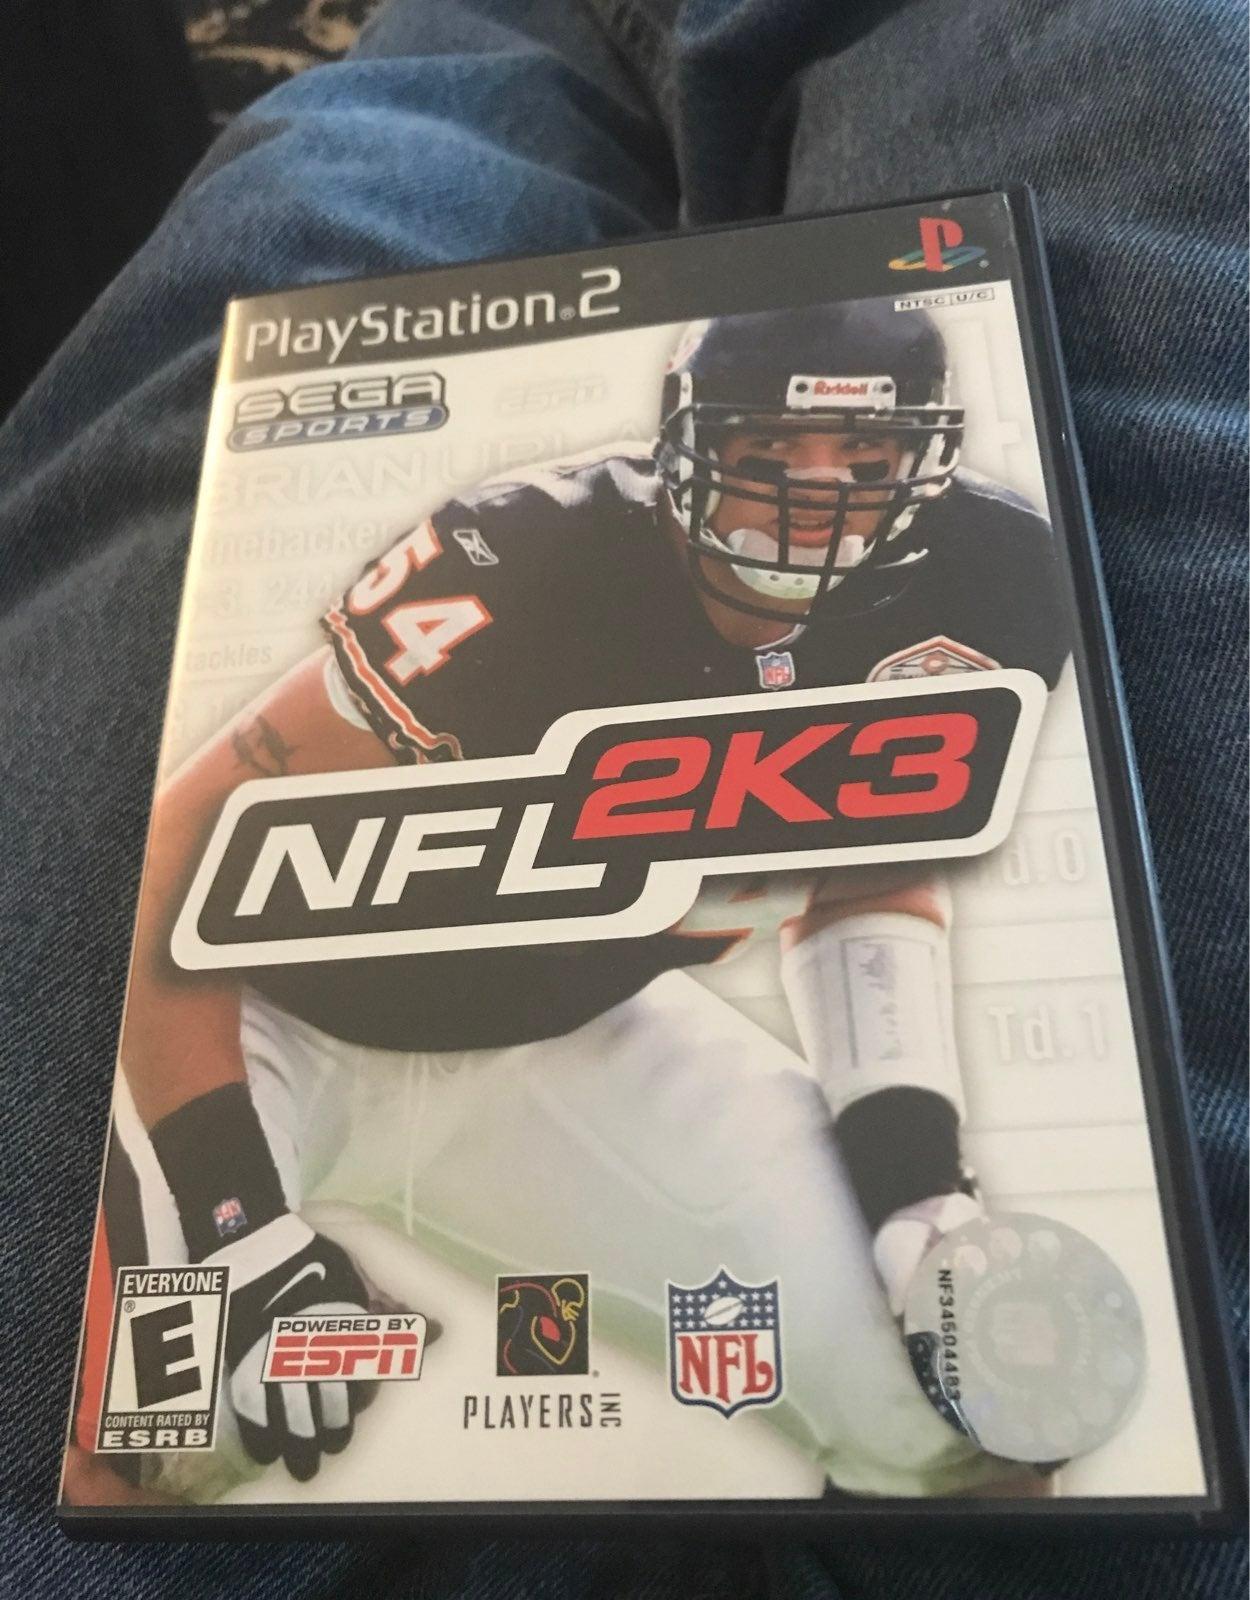 Playstation 2 NFL2K3 NFL ESPN